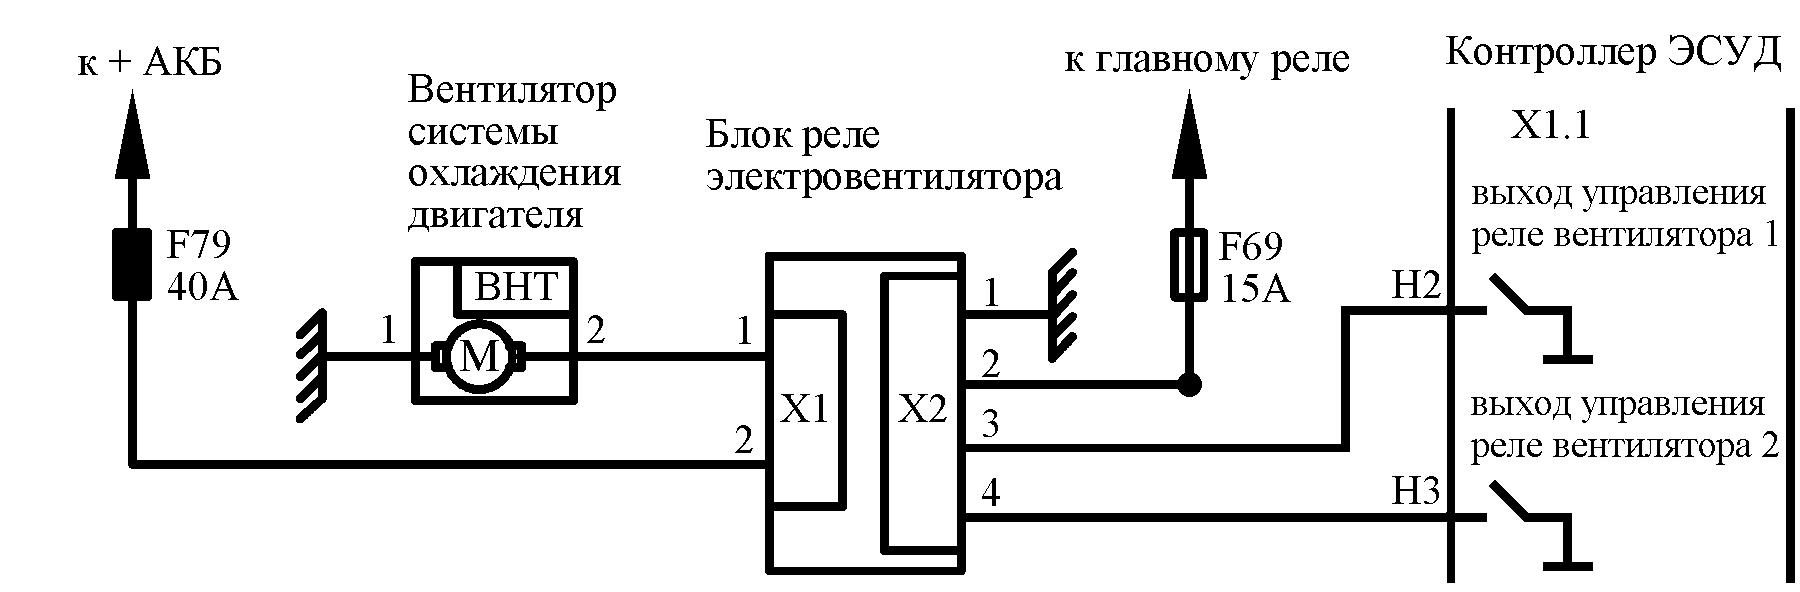 электросхема вентилятора радиатора